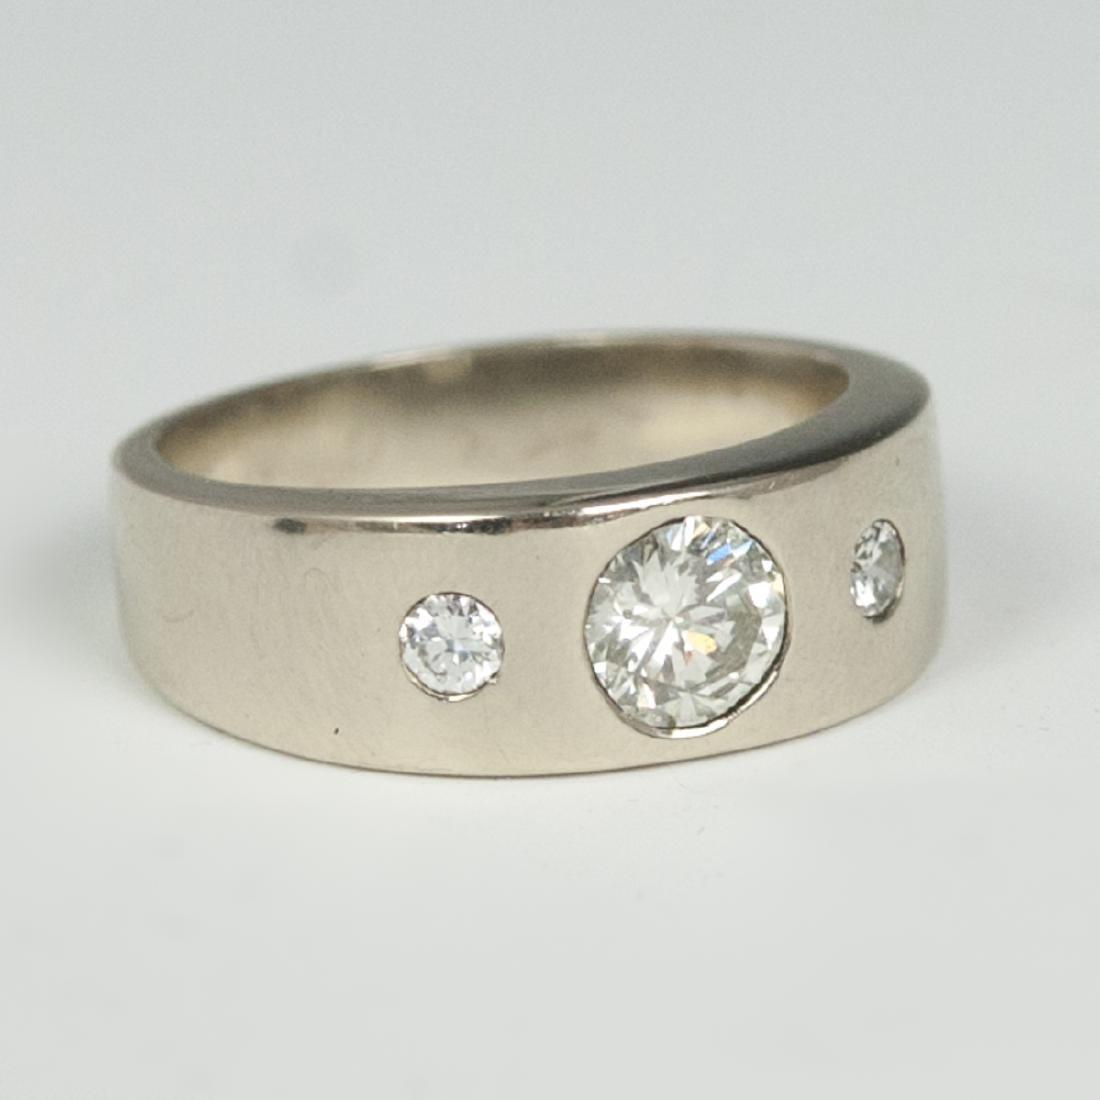 18k Gold Diamond Men's Ring